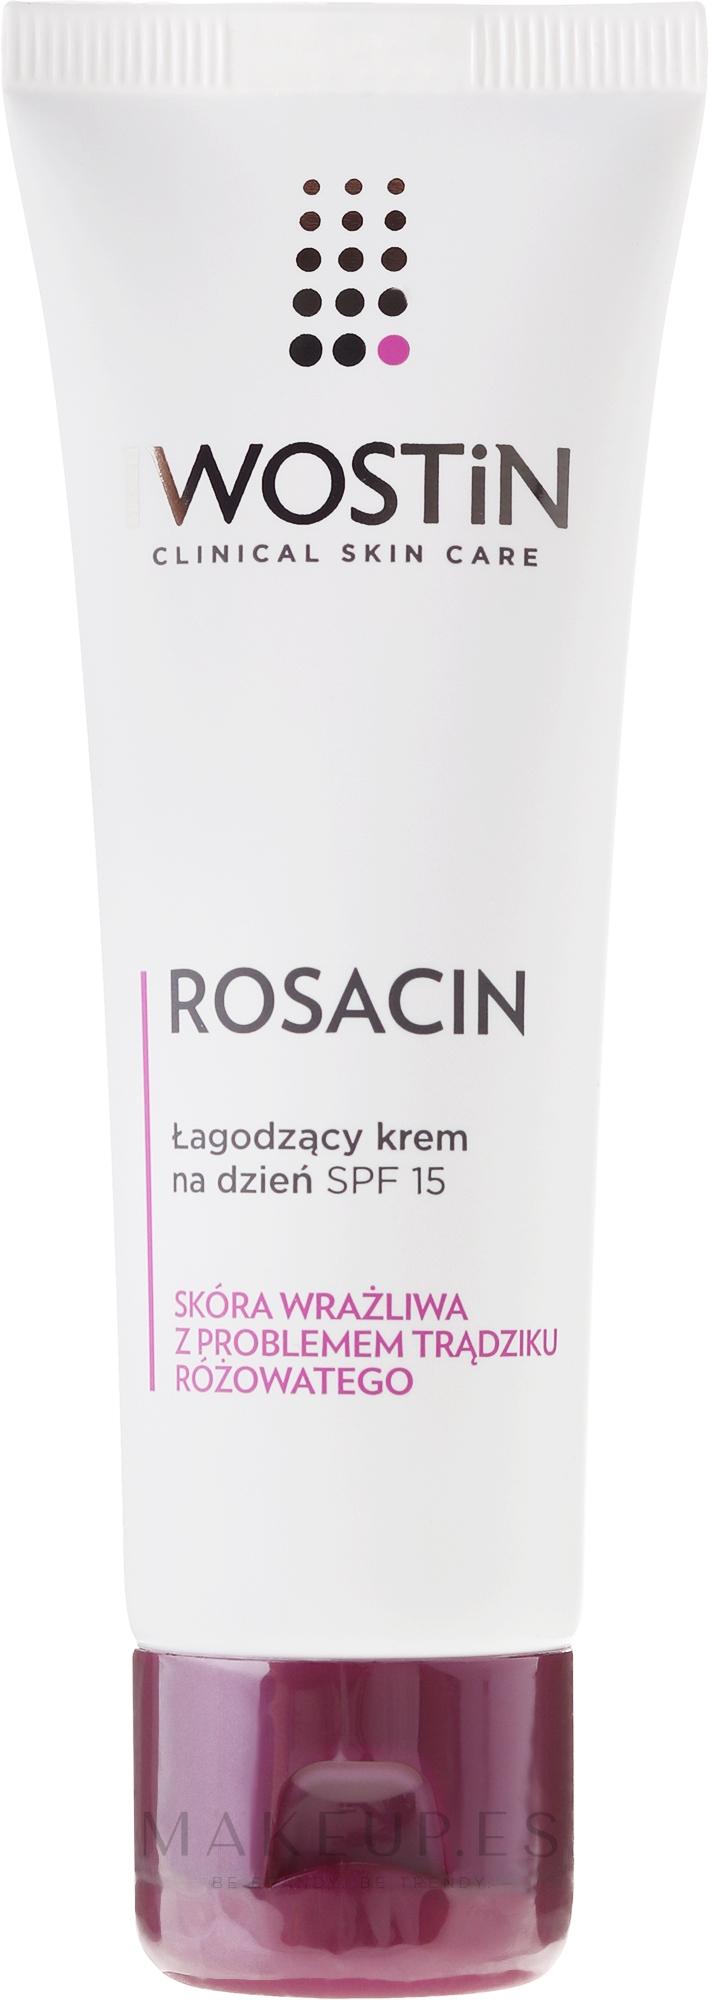 Crema facial calmante para pieles con rasácea - Iwostin Rosacin Soothing Day Cream Against Redness SPF 15 — imagen 40 ml